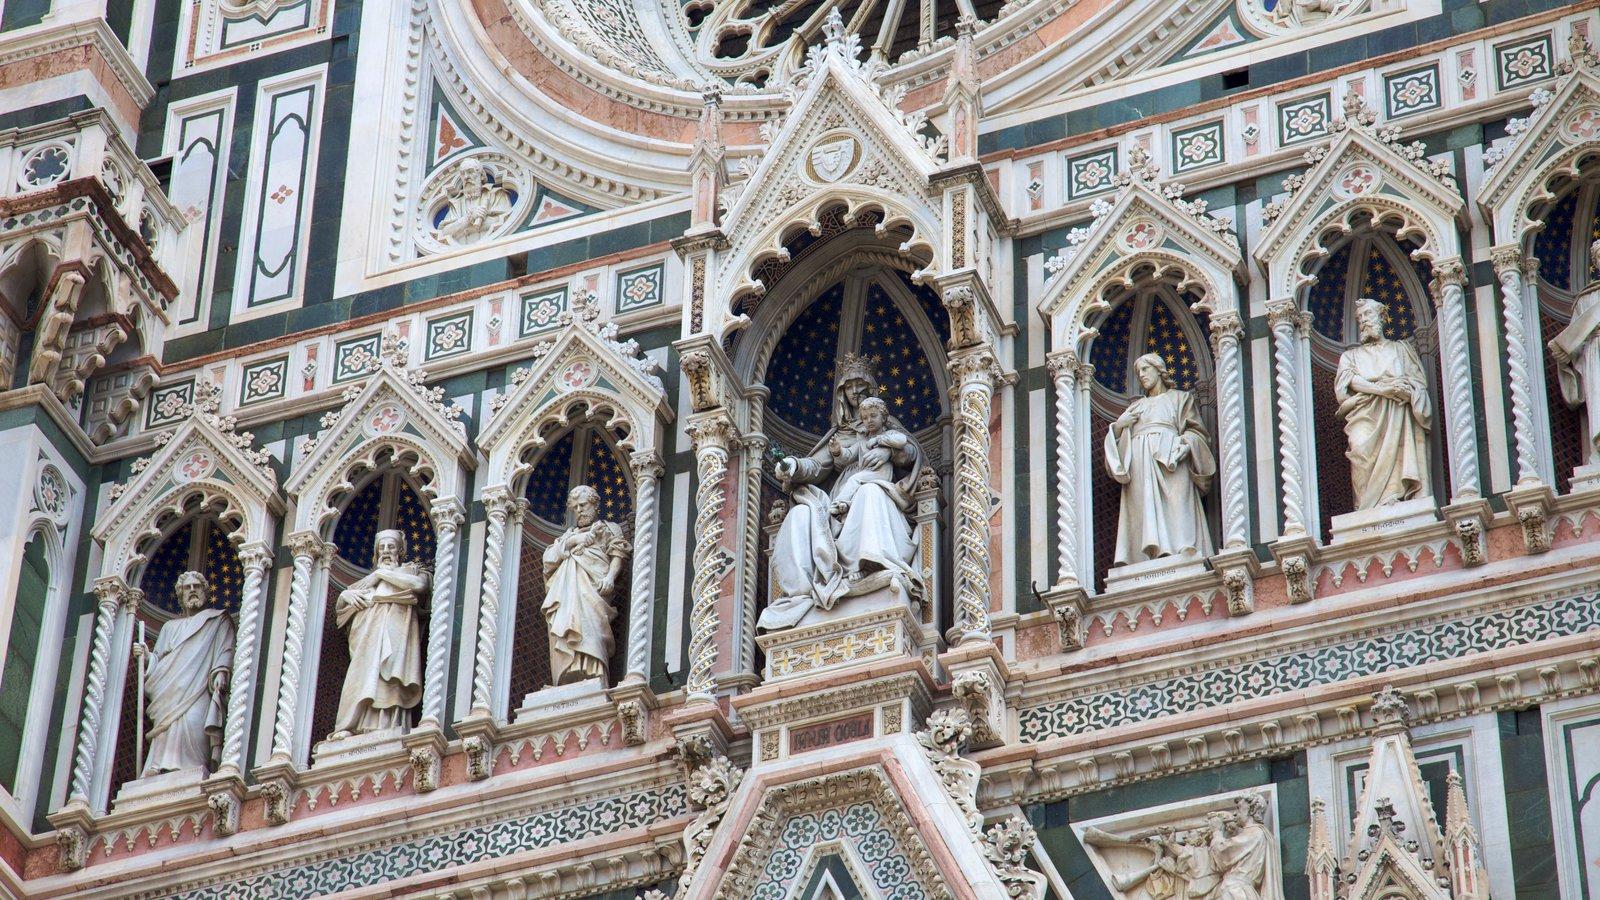 Catedral de Santa Maria del Fiore que inclui elementos religiosos, uma igreja ou catedral e arquitetura de patrimônio